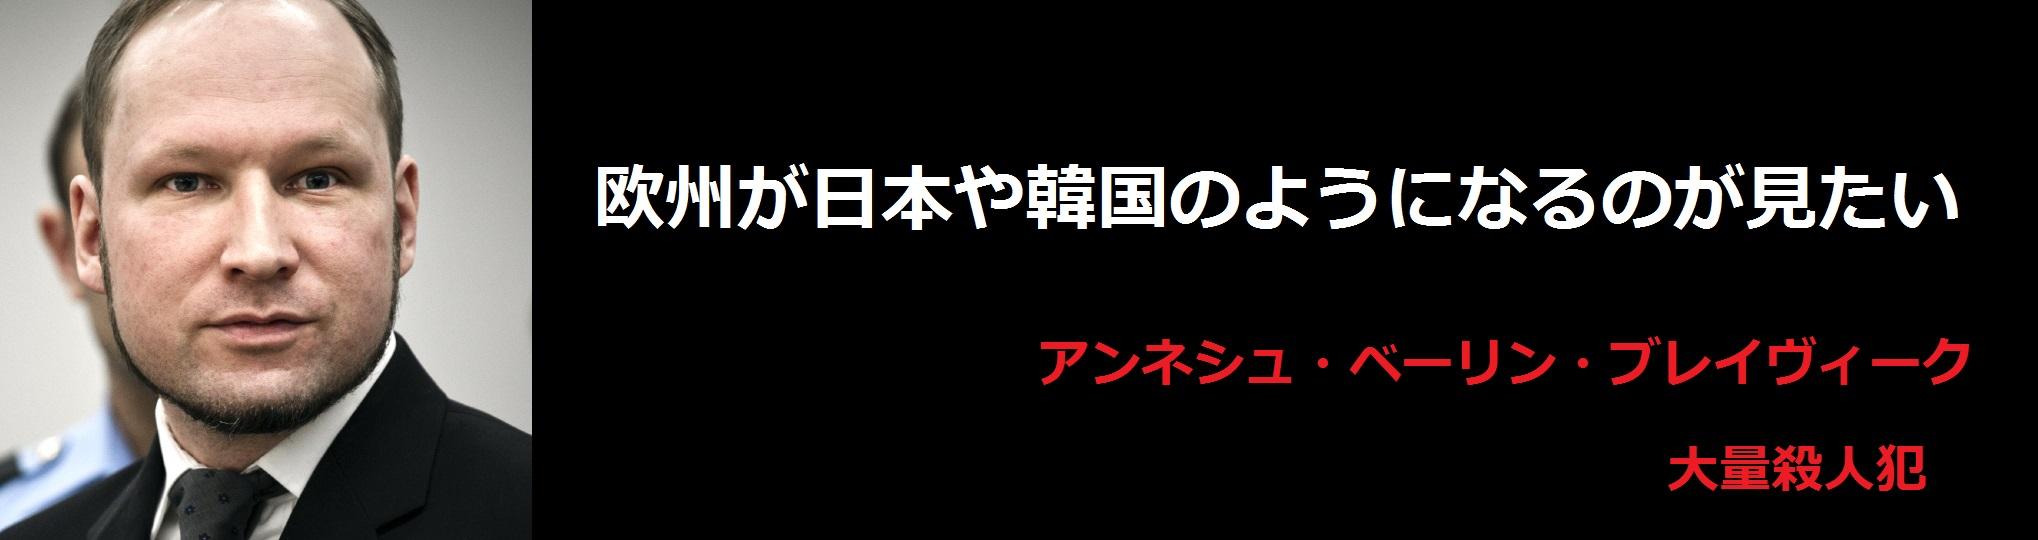 f:id:JAPbuster:20170210215657j:plain